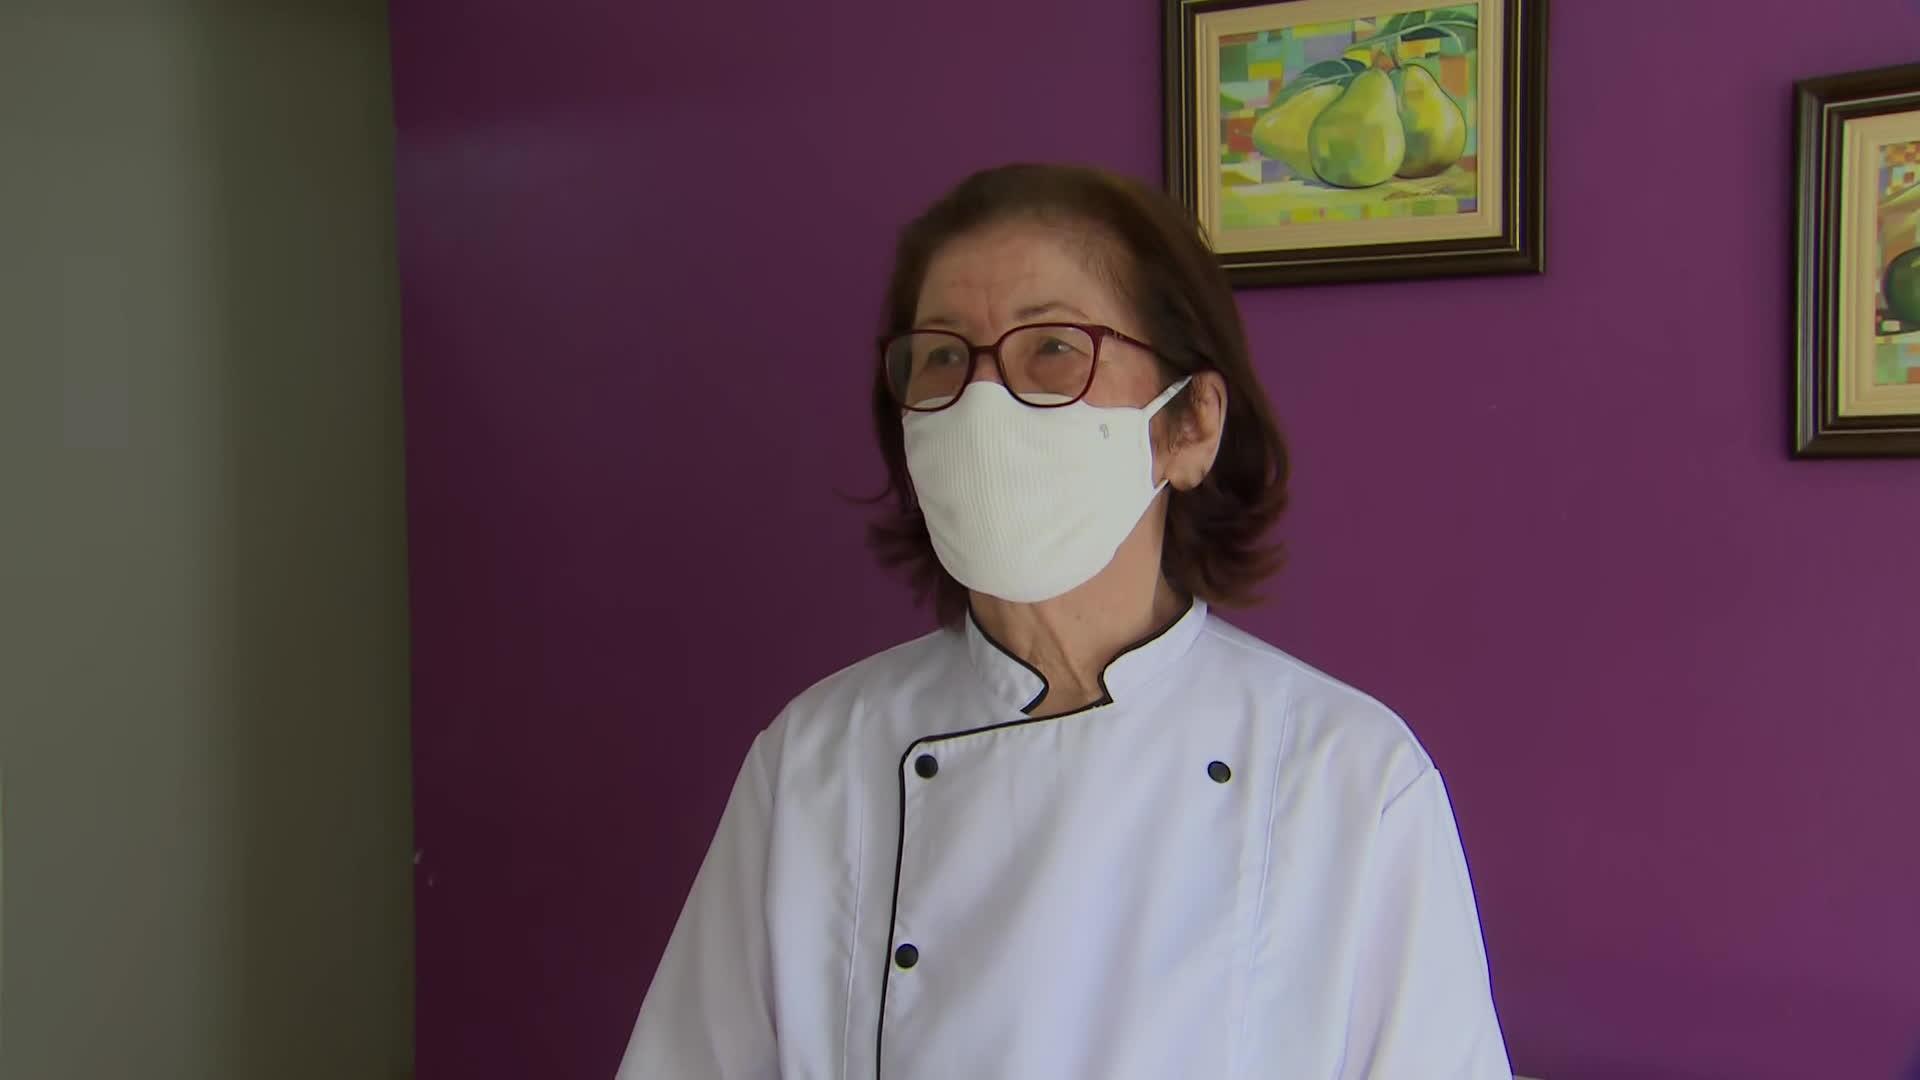 'Eu não vou ficar em casa sem fazer nada', diz idosa de 80 anos que se tornou empreendedora em meio à pandemia da Covid-19